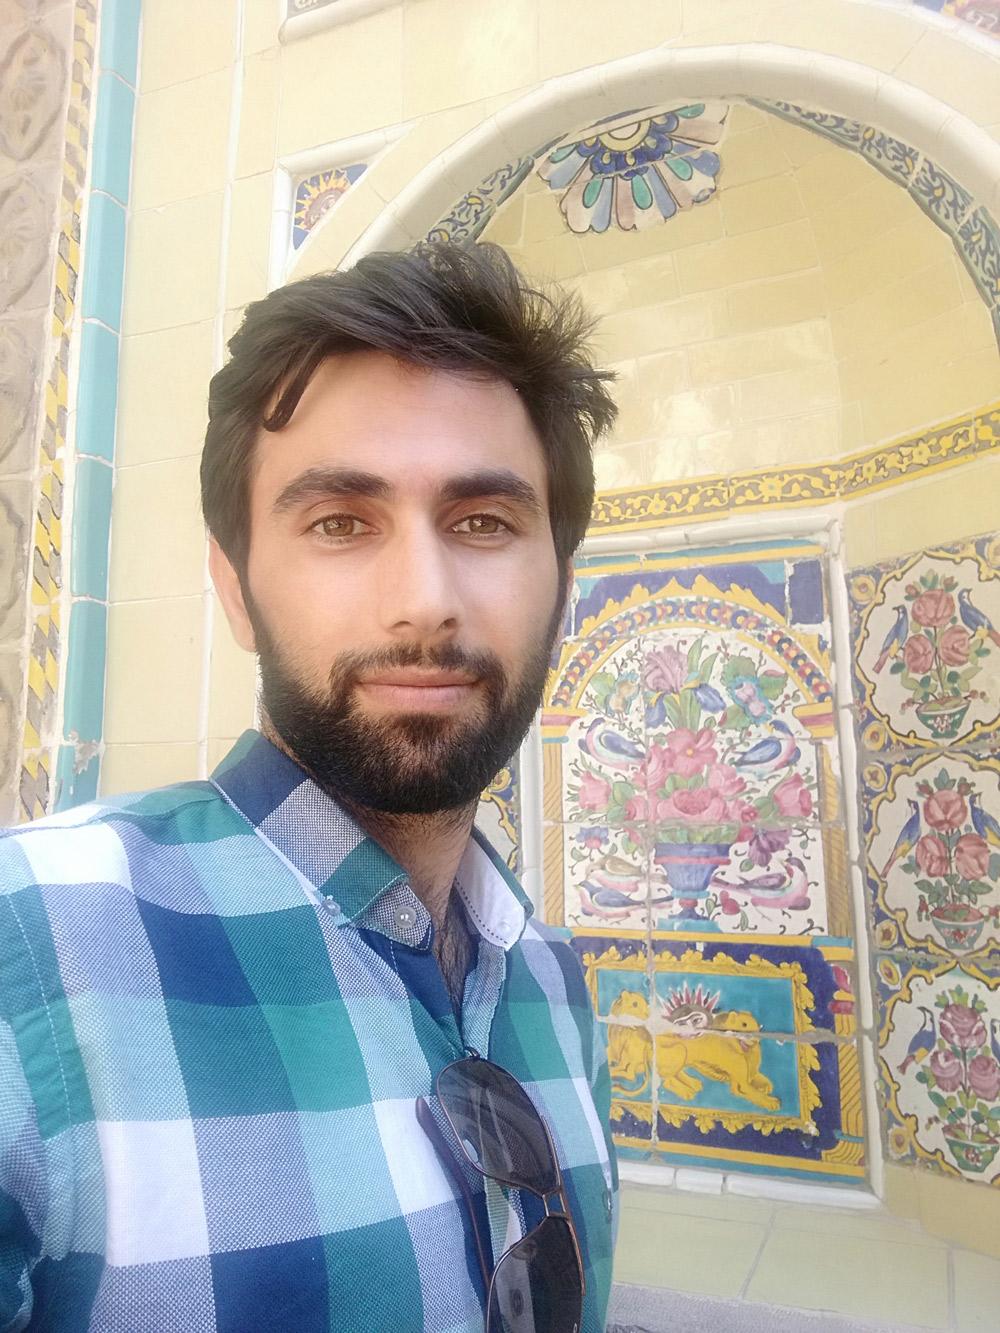 افتخارات یاسر رضایی | yaser rezaei Awards